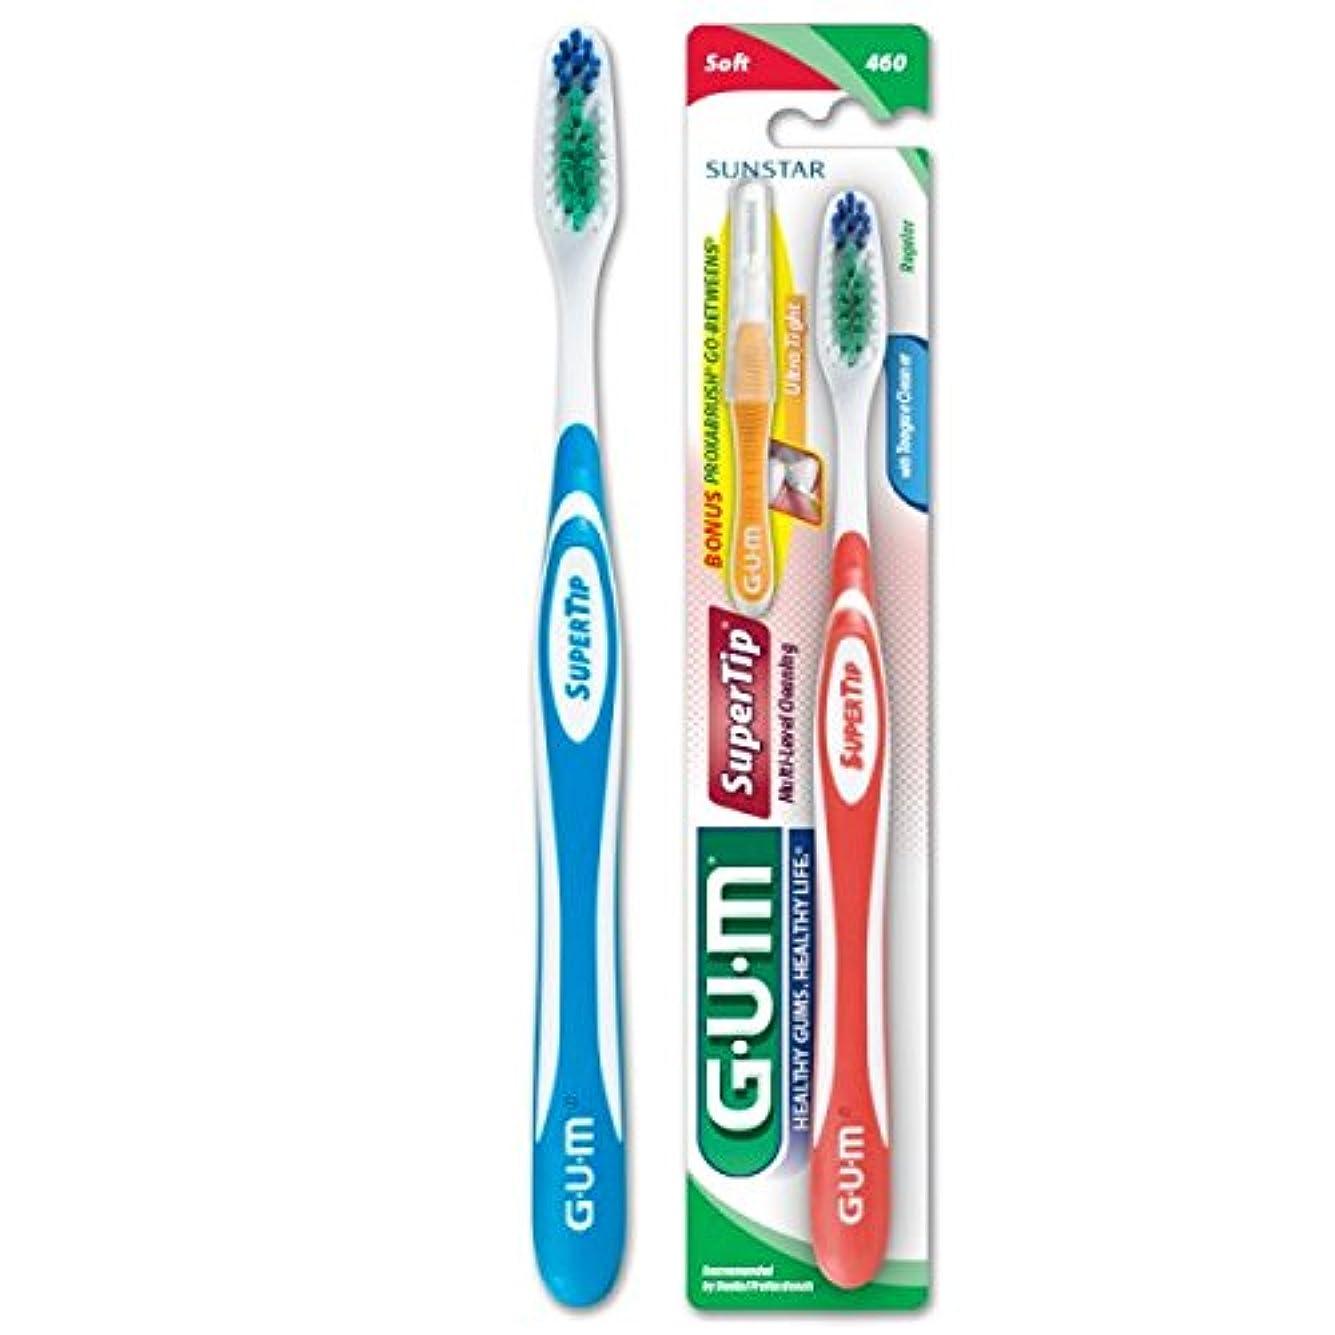 最高無駄な経歴Gum Proxabrushゴー?ビトウィーンズ、三角全ソフト毛付きサンスター460Rgbスーパーヒント歯ブラシ